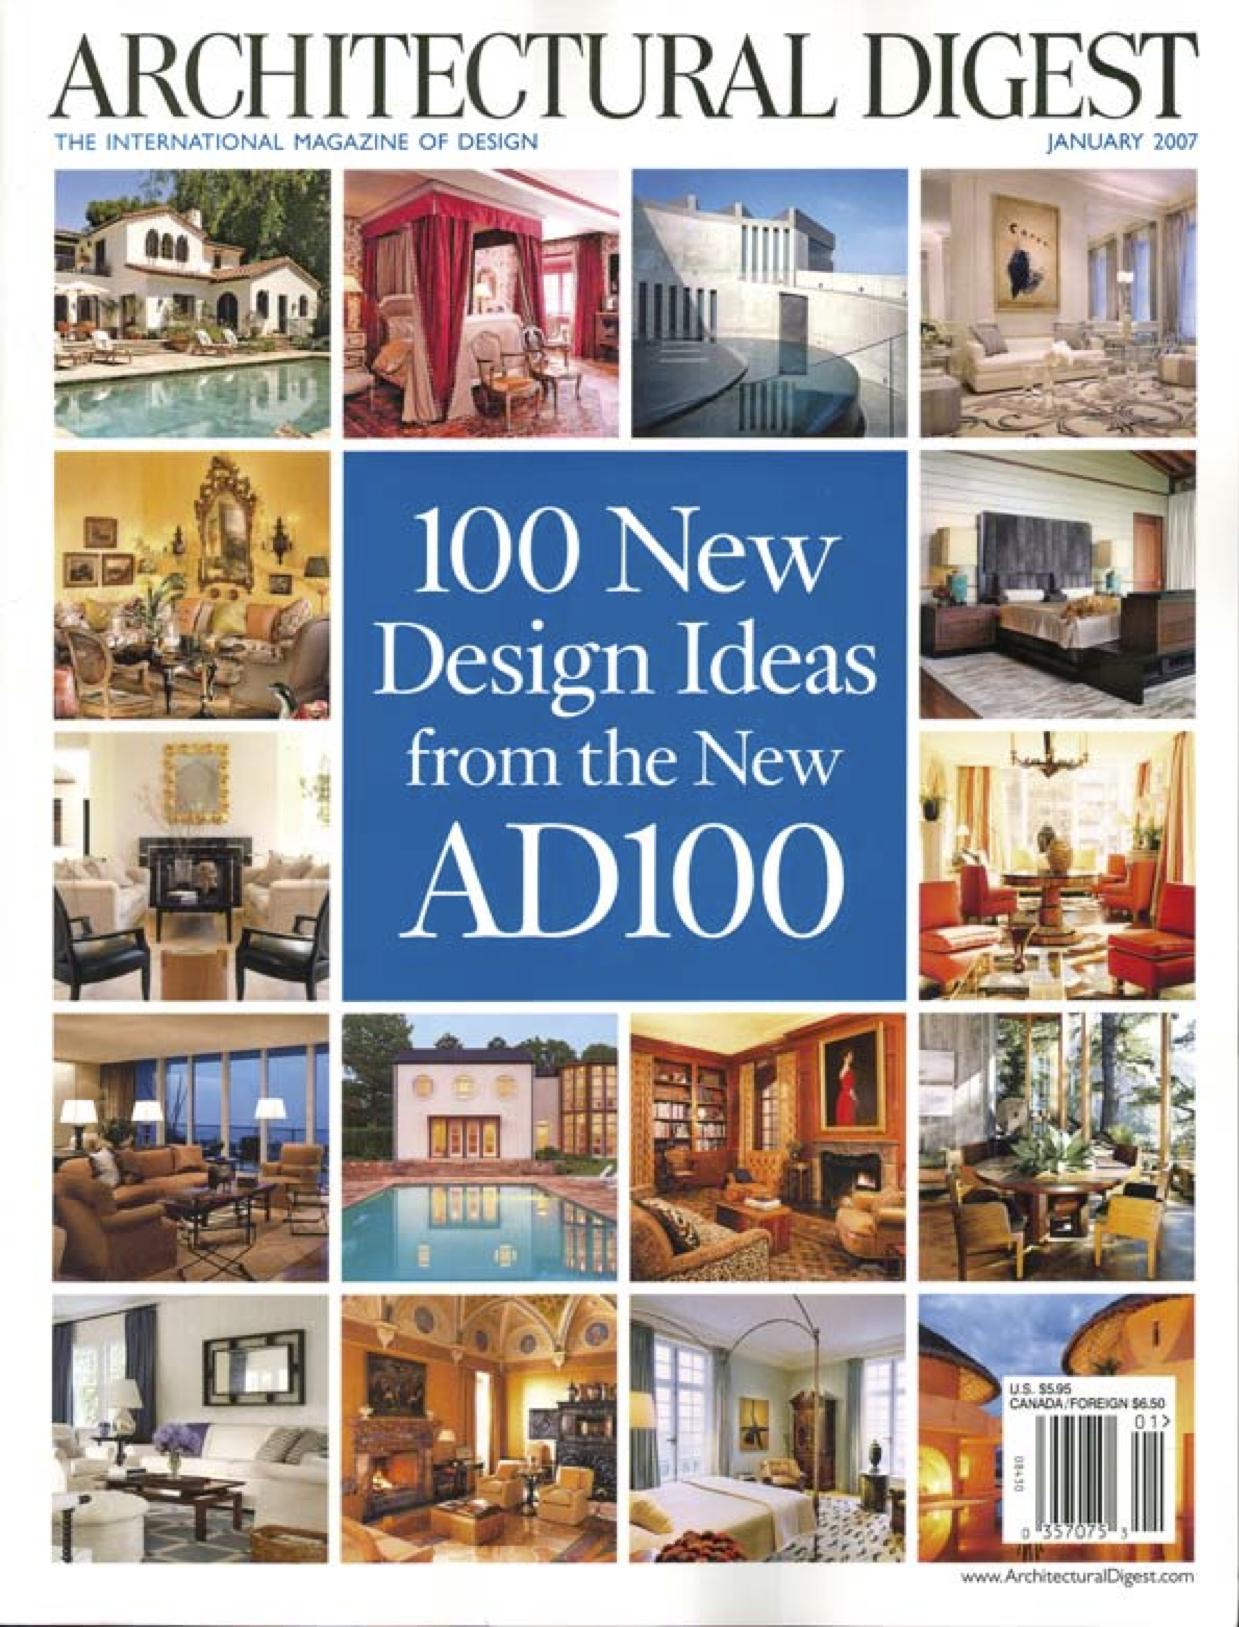 Architectural digest   ad100 jacques saint d